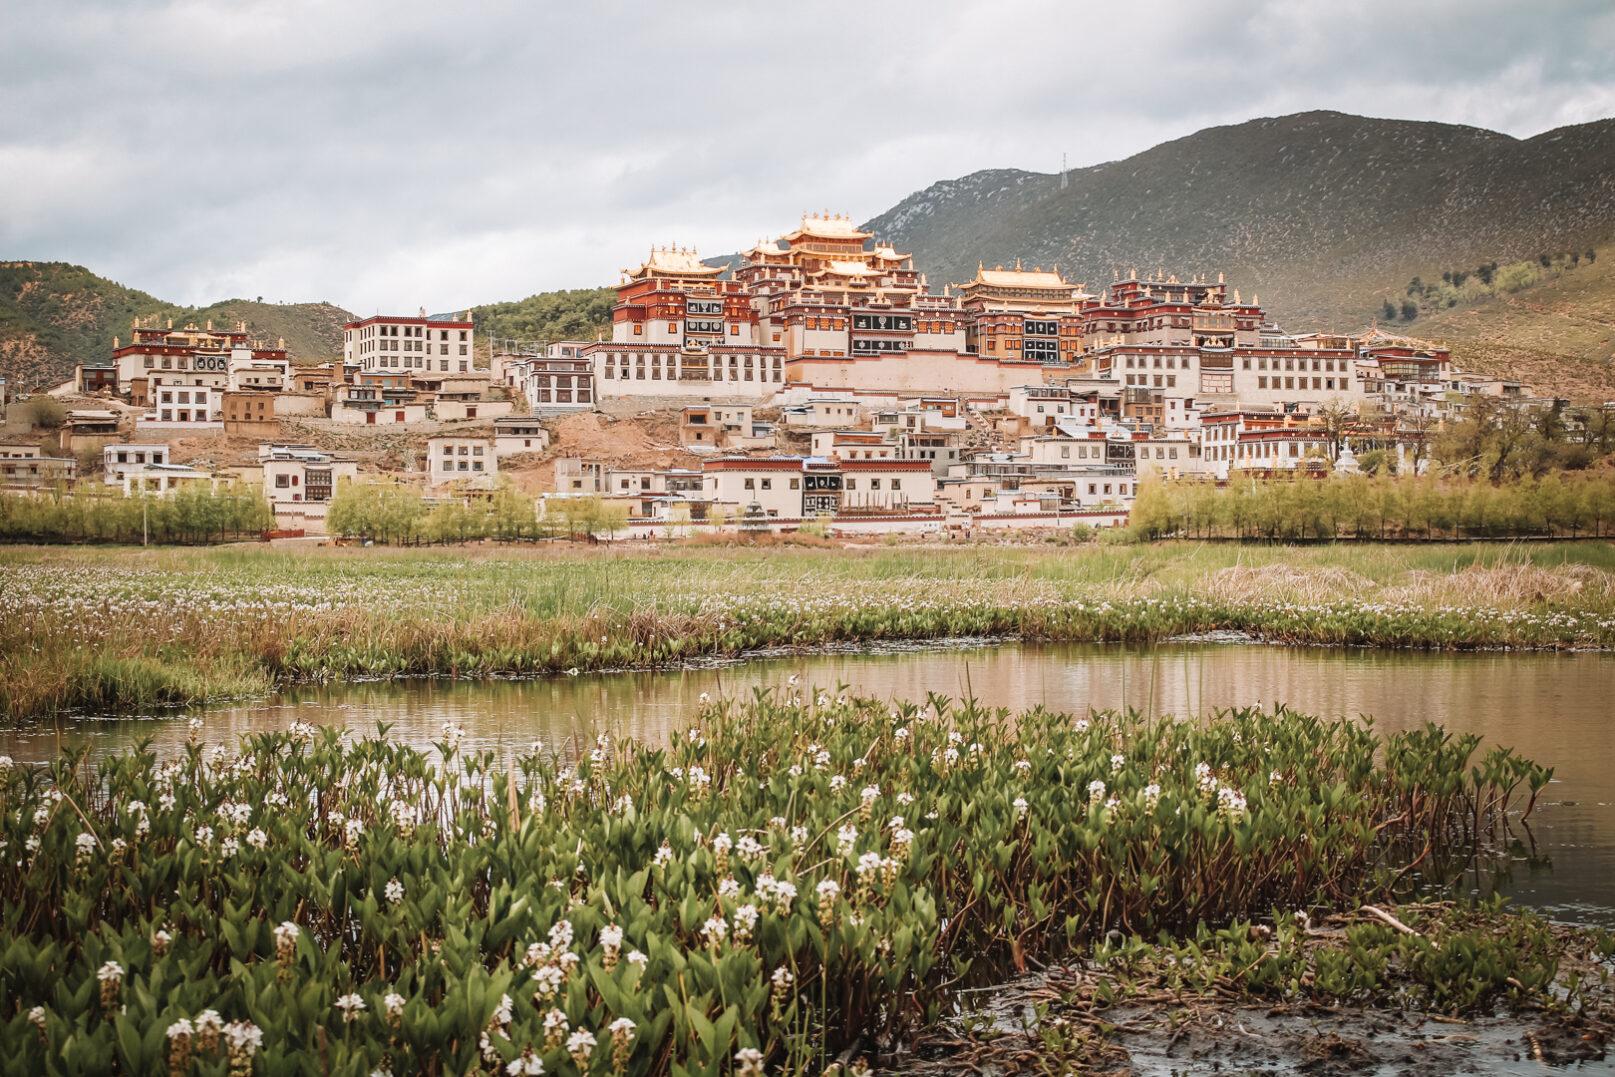 Het indrukwekkende Ganden Sumtseling (Songzanlin) klooster in Shangri-La. YourTravelReporter.nl